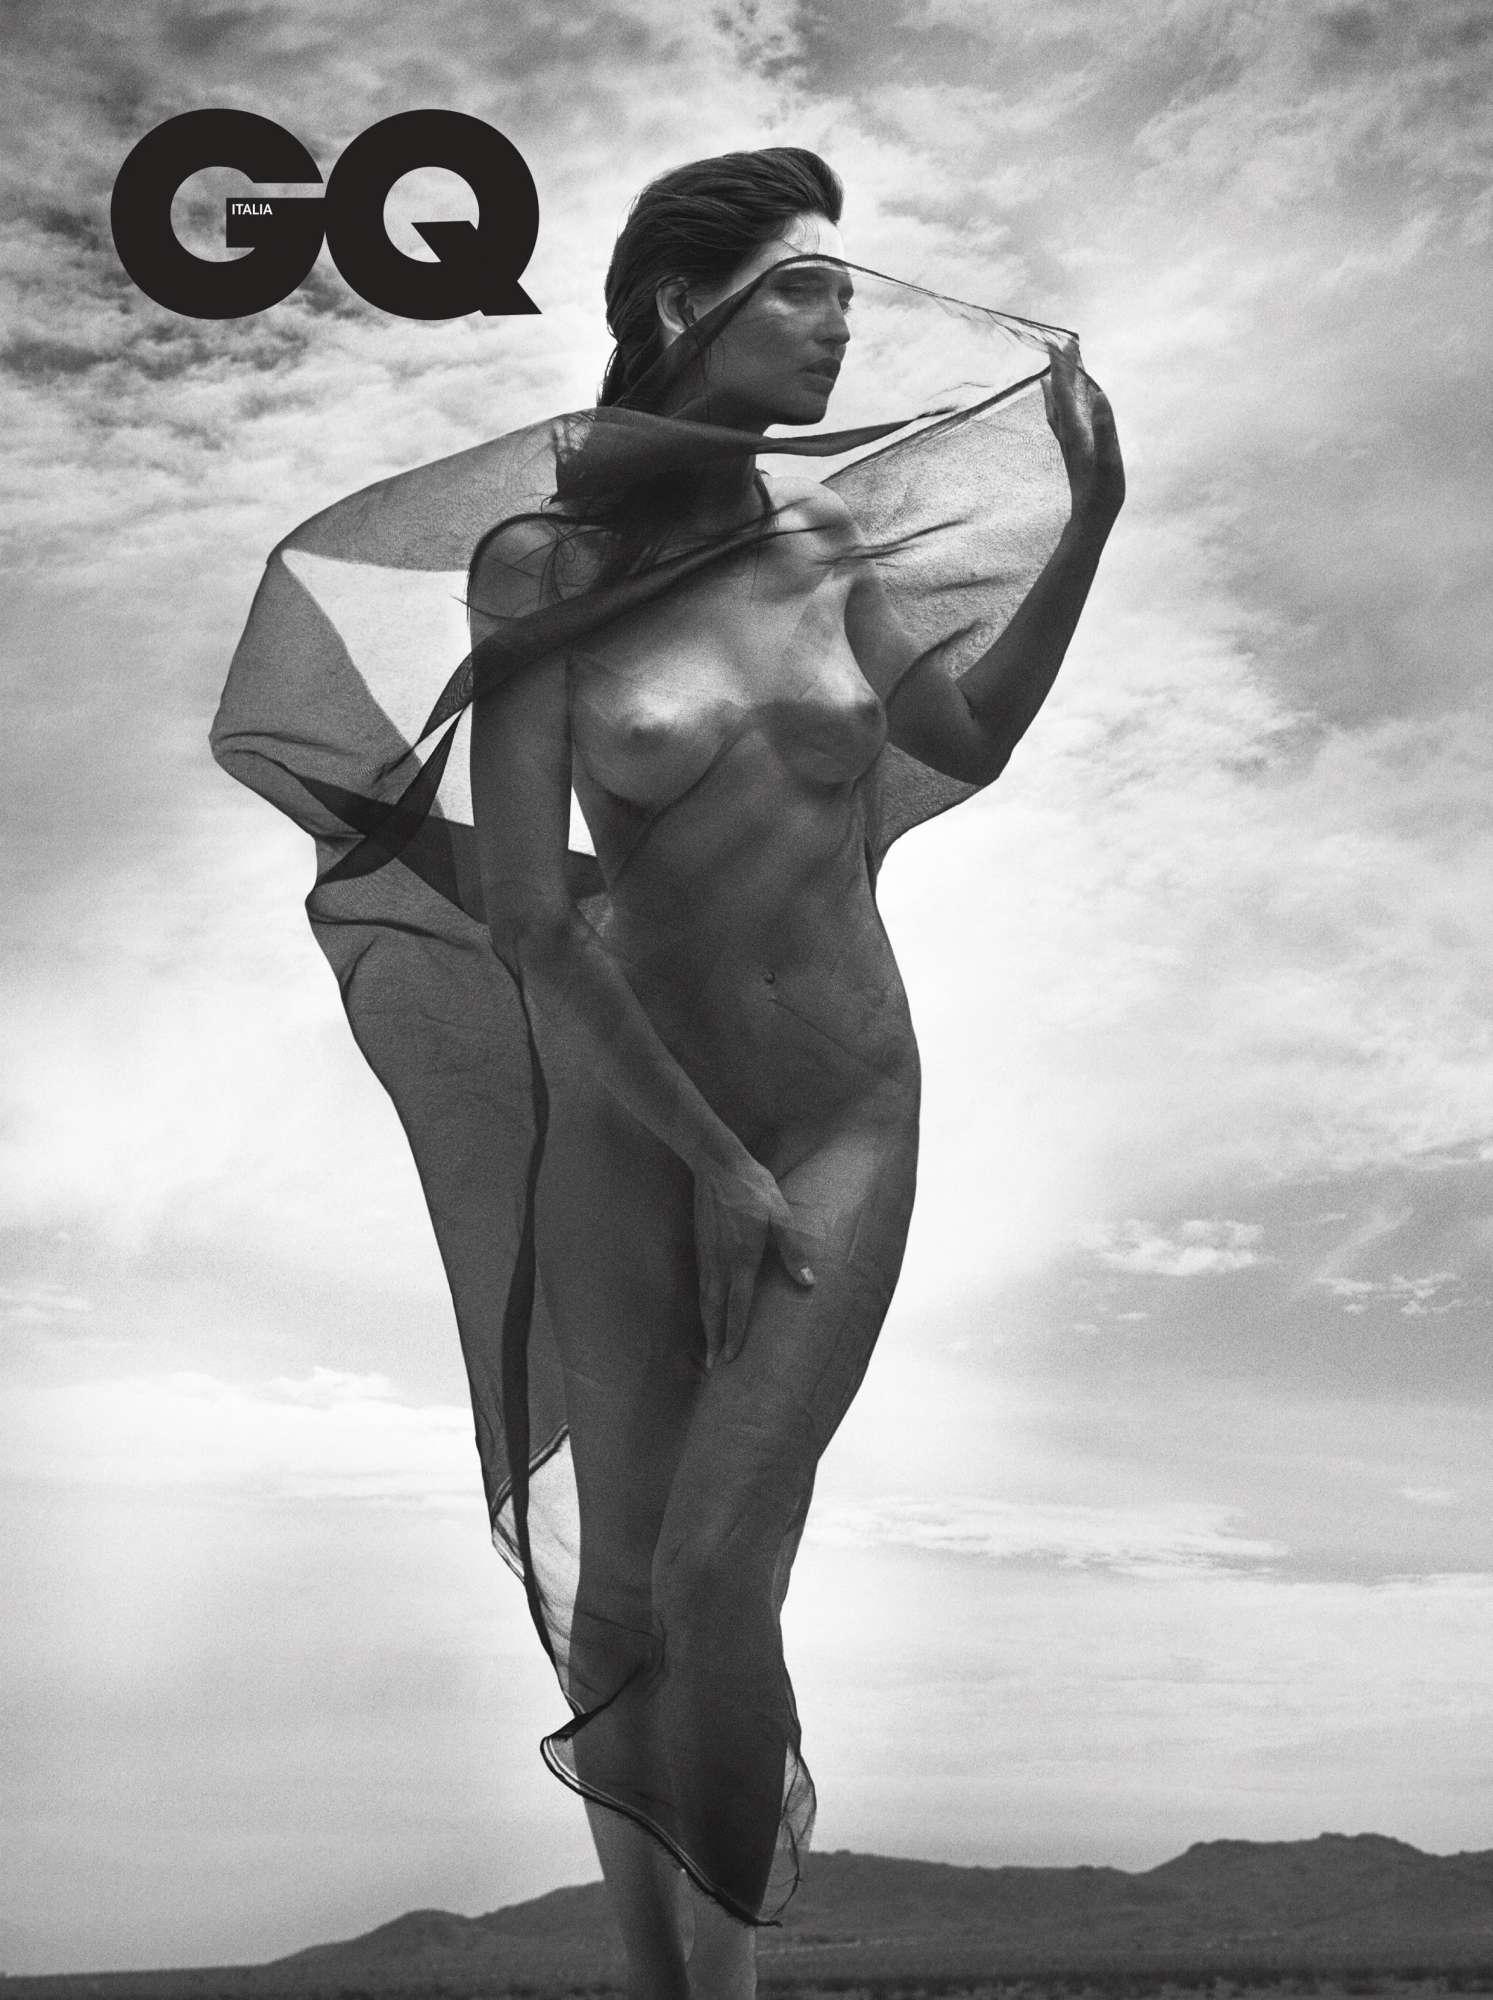 """Bianca Balti tutta nuda: """"Ho il sedere più bello del mondo"""" (clicca la foto e leggi l'articolo)"""